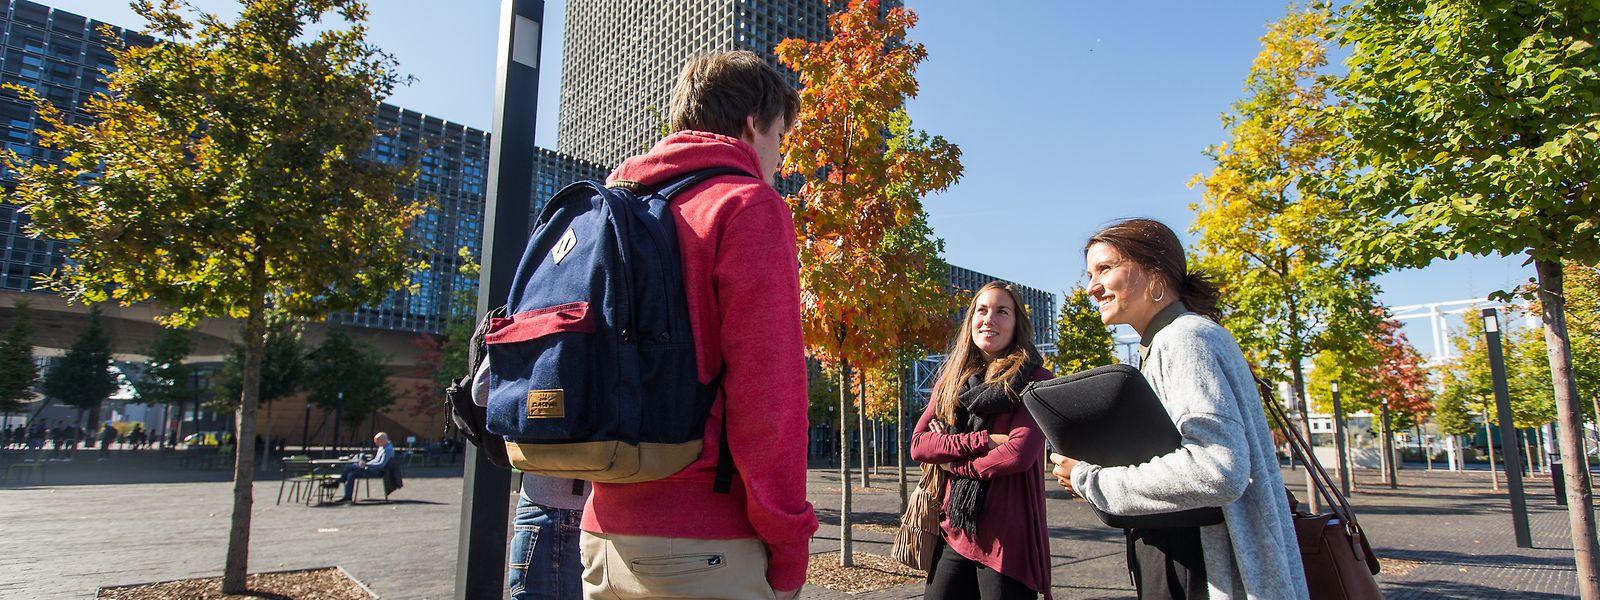 L'Etat apporte une aide financière à quelque 30.000 étudiants au Luxembourg.